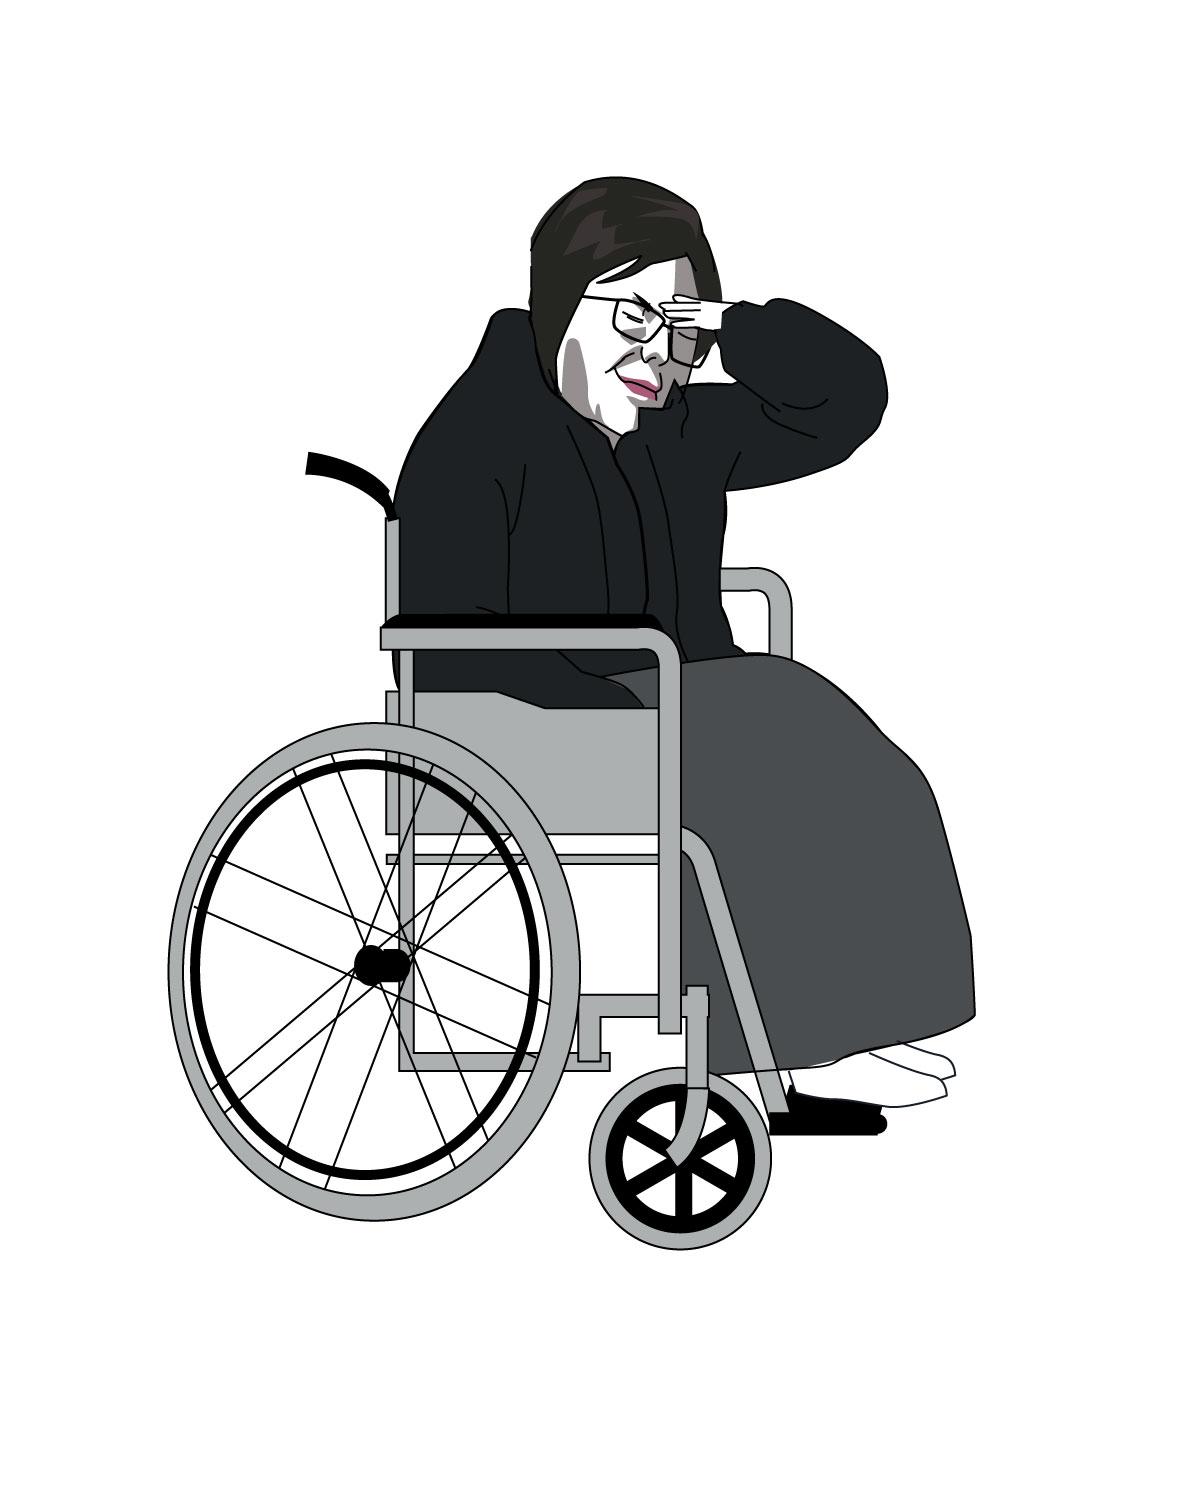 휠체어를 탄 최순실씨. [서예리 인턴]